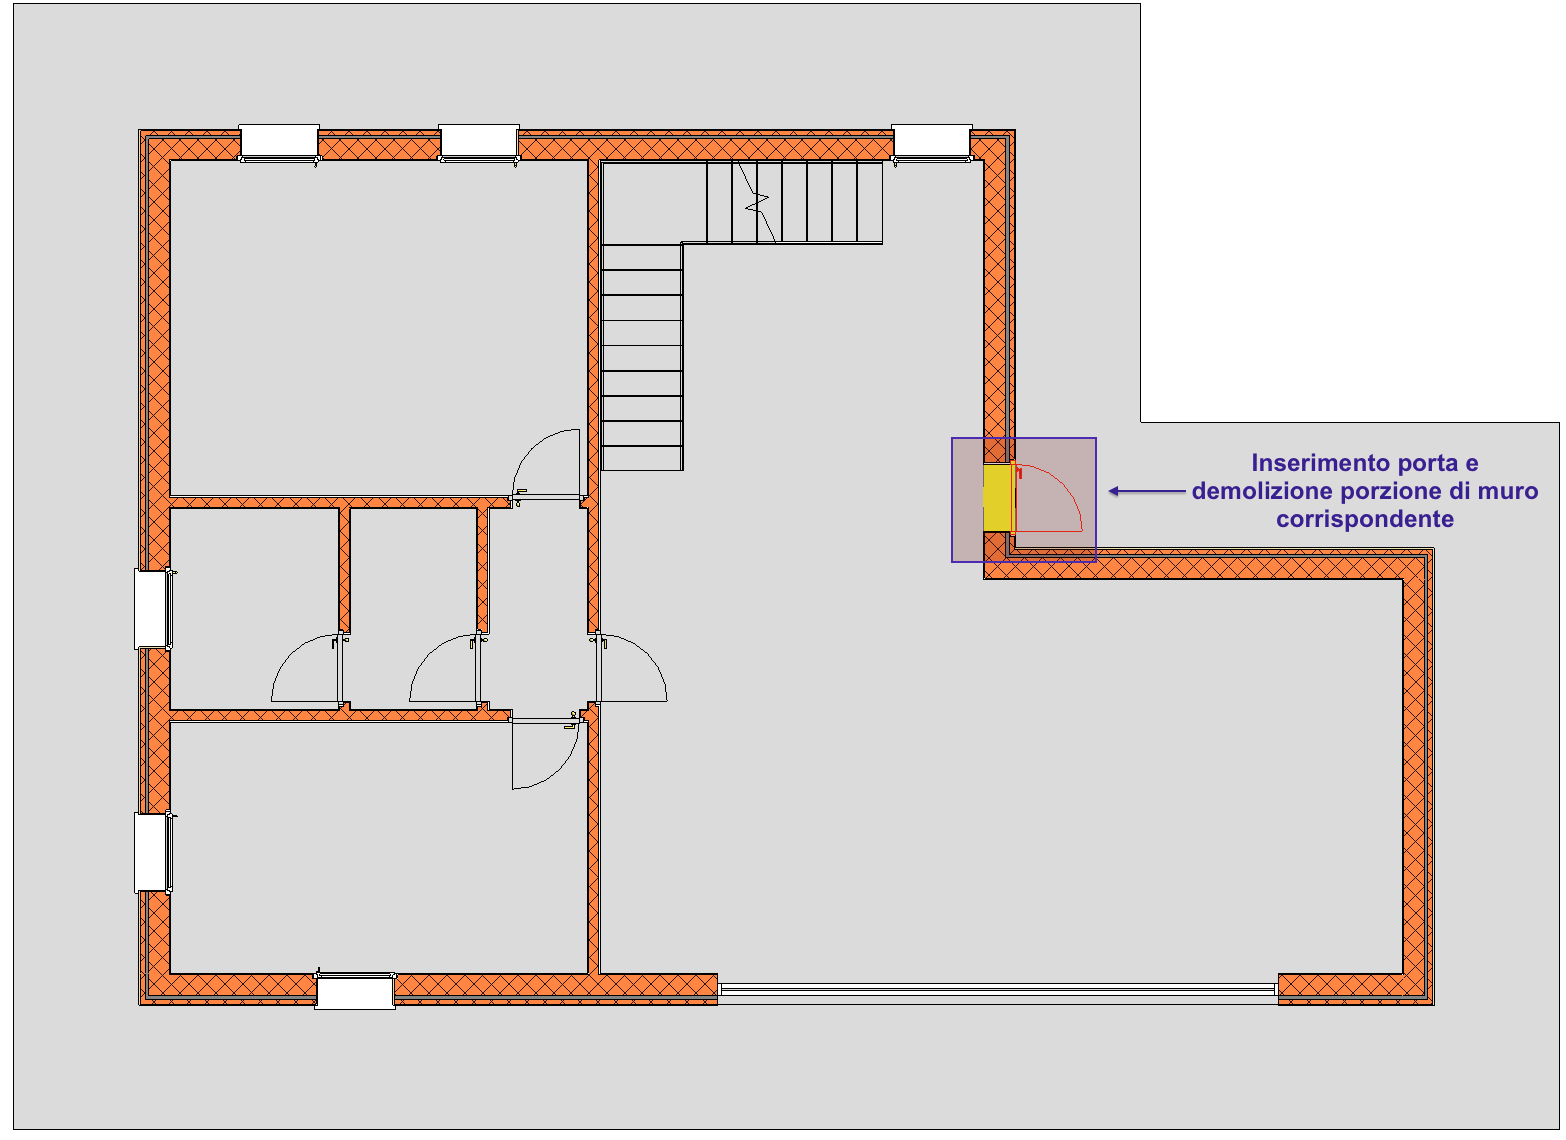 Fasi e abaco costruzioni demolizioni parte 1 blog quickrevit - Progetti e costruzioni porte ...